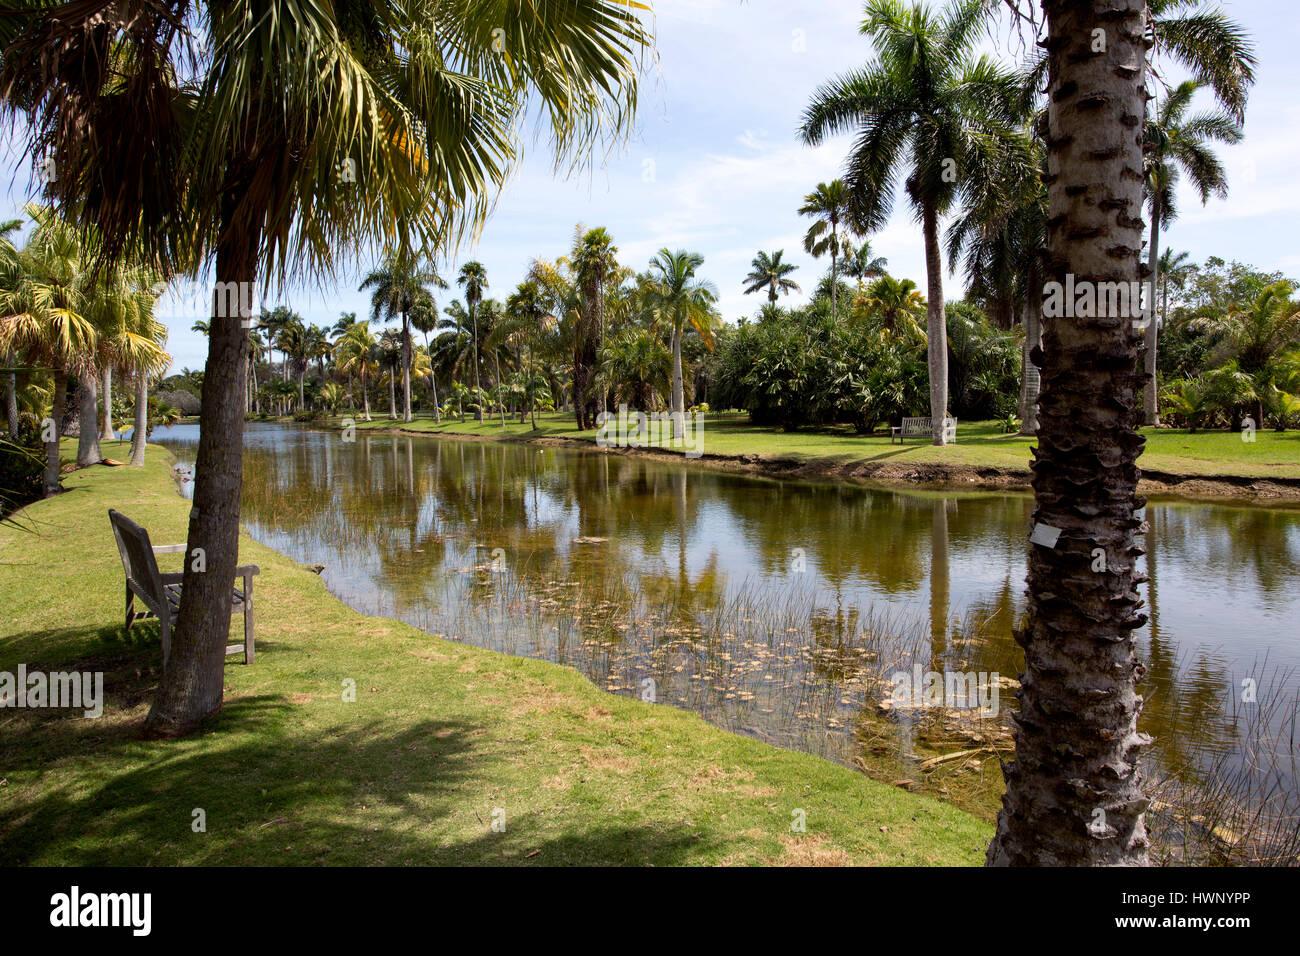 Fairchild Tropical Botanic Garden Stock Photos & Fairchild Tropical ...